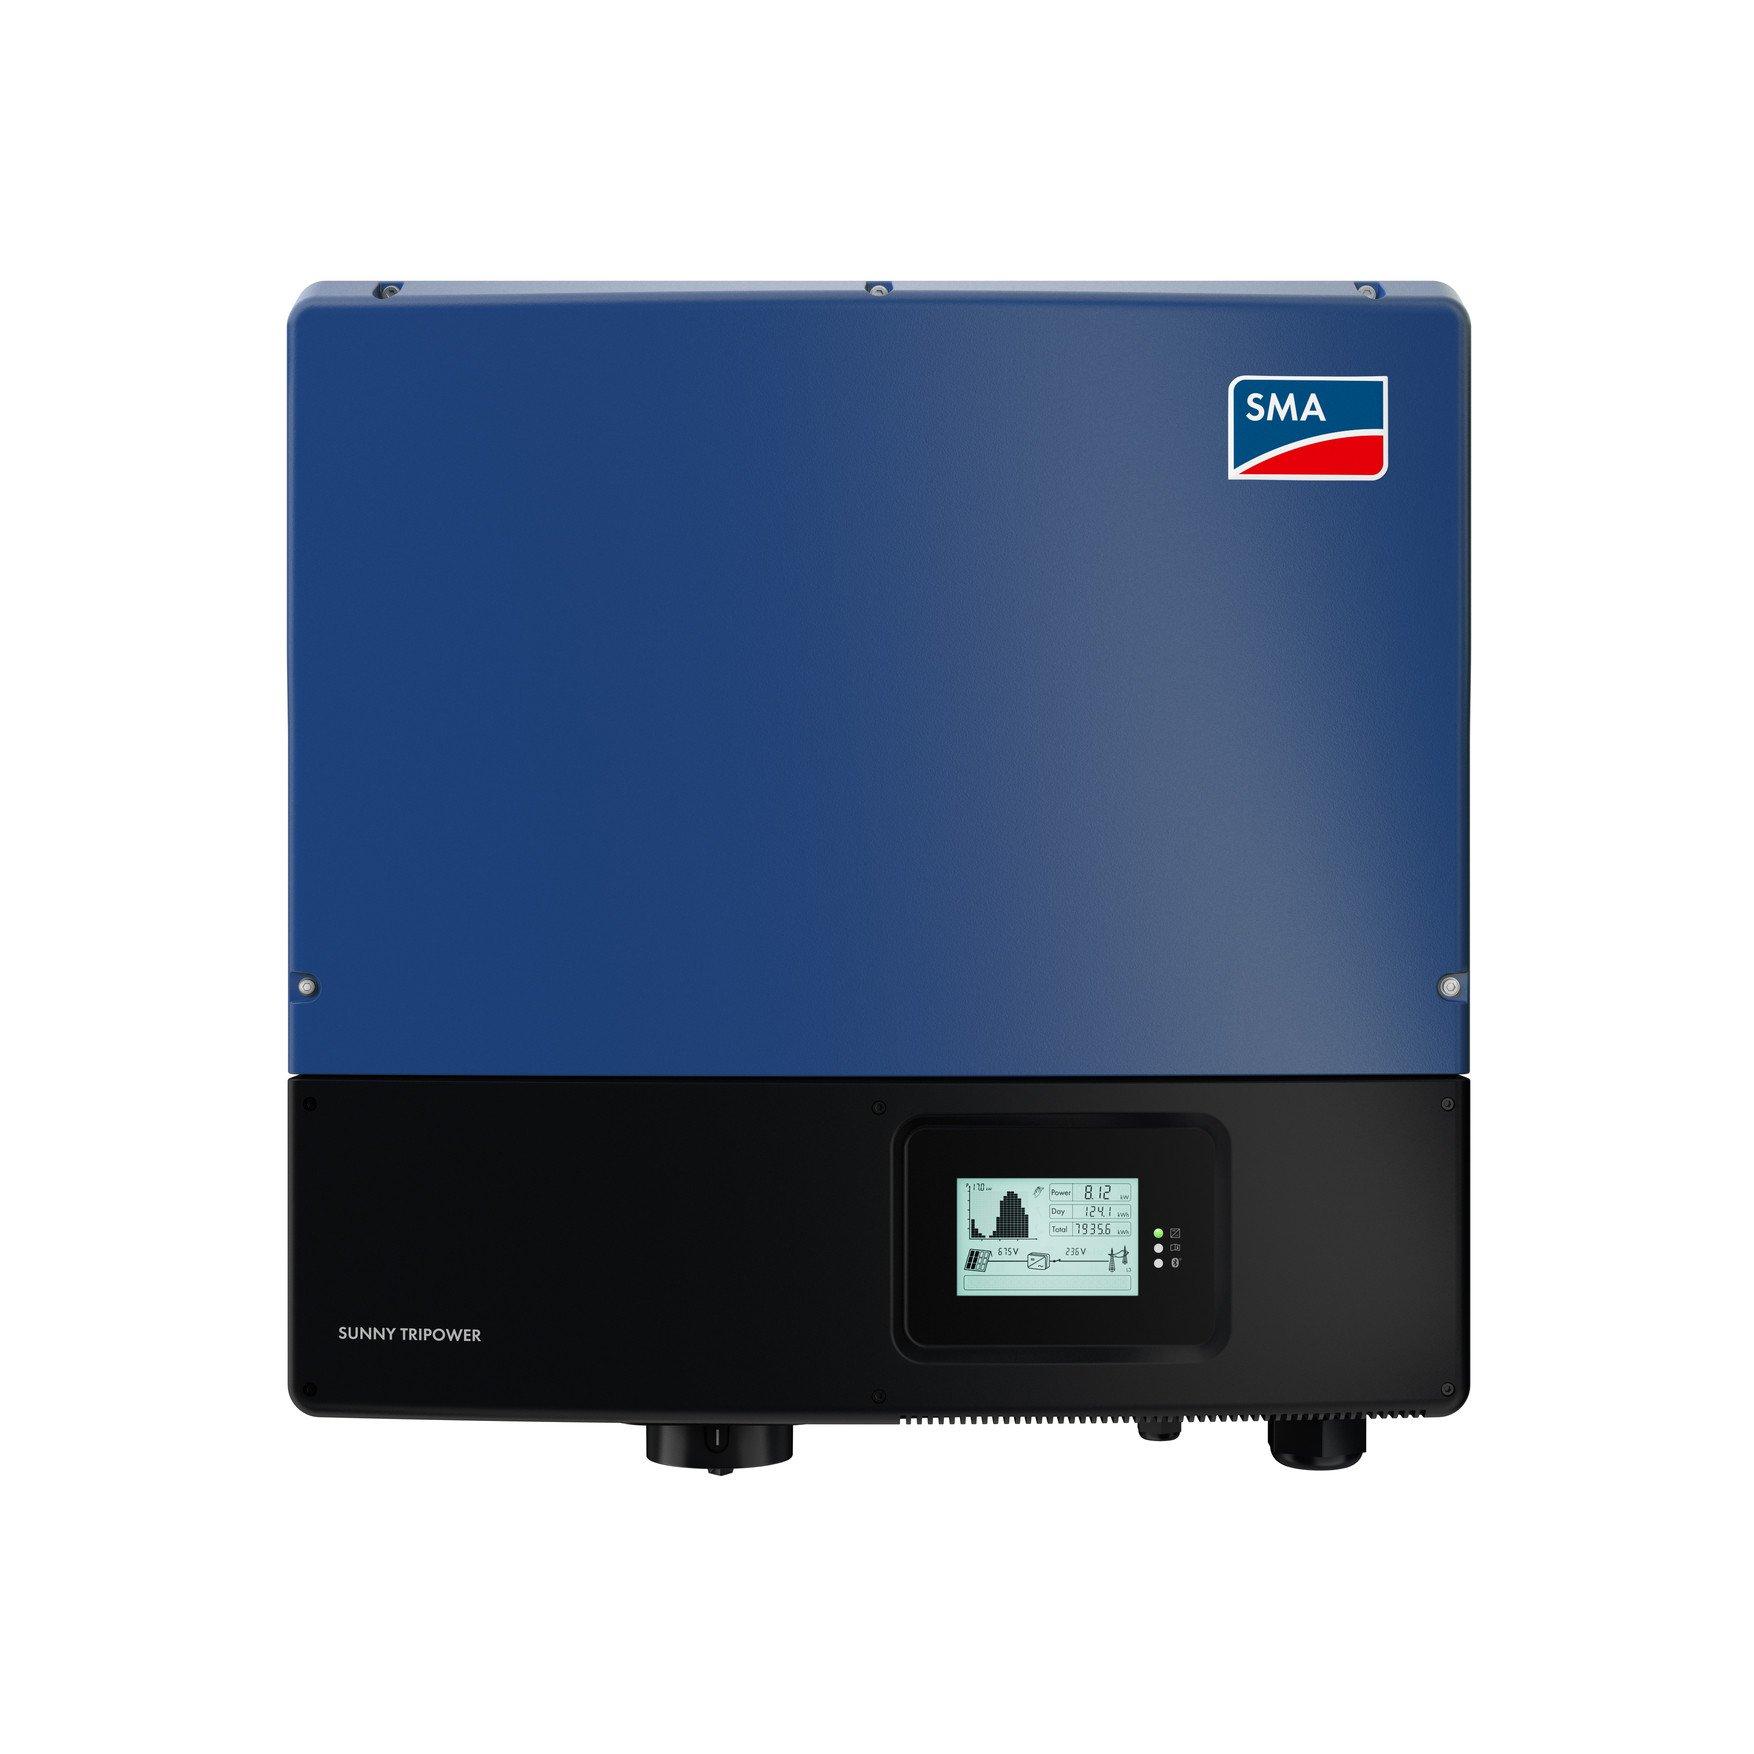 Inverter hoà lưới năng lượng mặt trời SMA SUNNY TRIPOWER 15kw-3pha